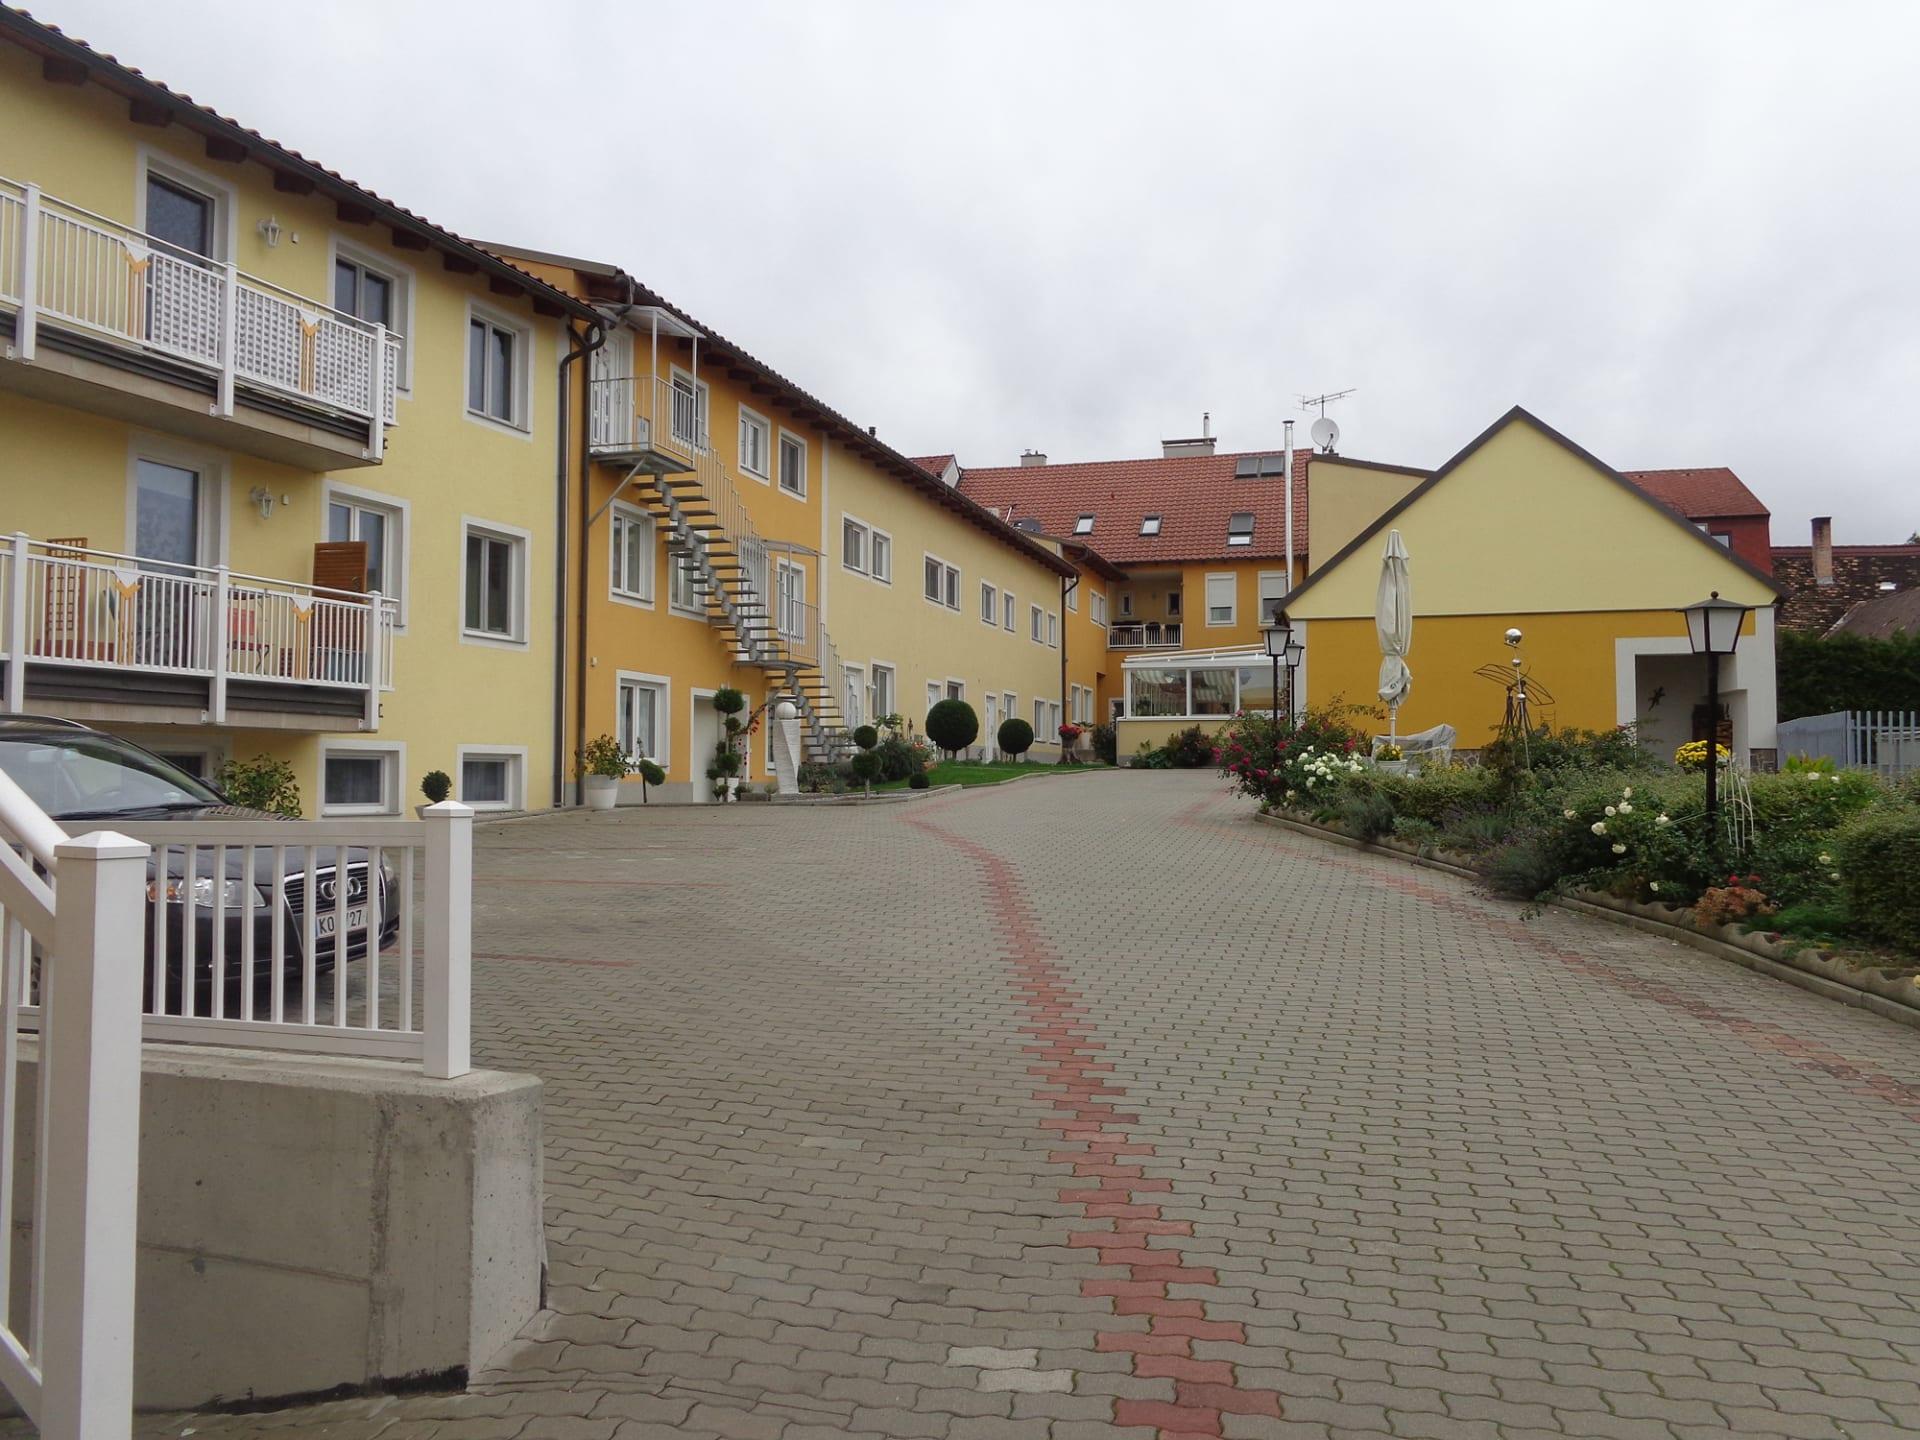 Hausansicht (Foto: Privatzimmer Enzersdorfer)